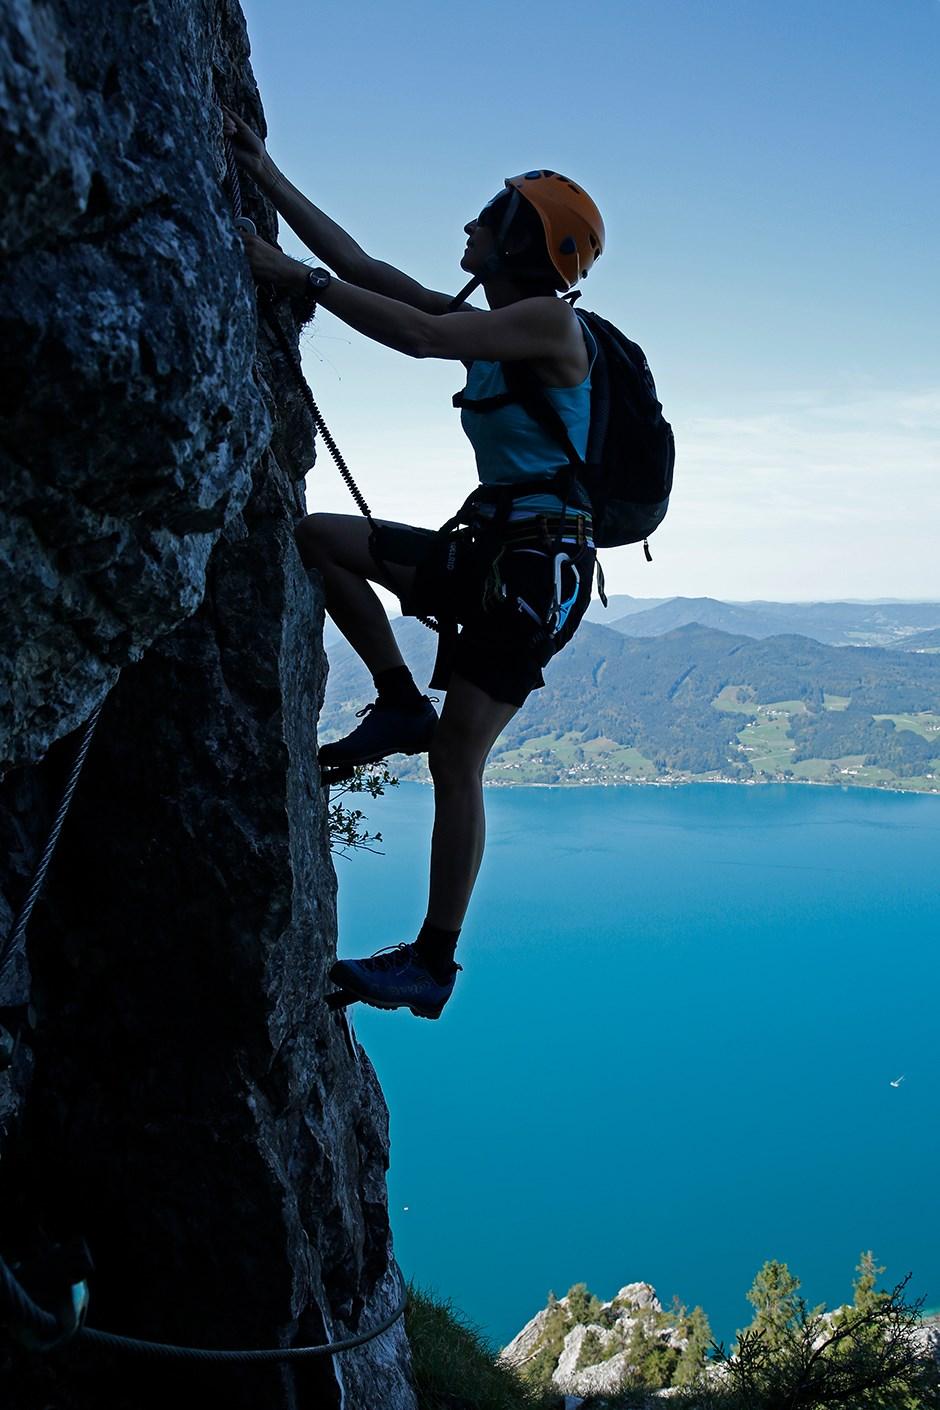 An Tagen wie diesen: Früh einsteigen lautet die Devise für den langen Attersee Klettersteig zum Mahdlgupf – dann klettert man an dem westseitigen Steig lange angenehm im Schatten.